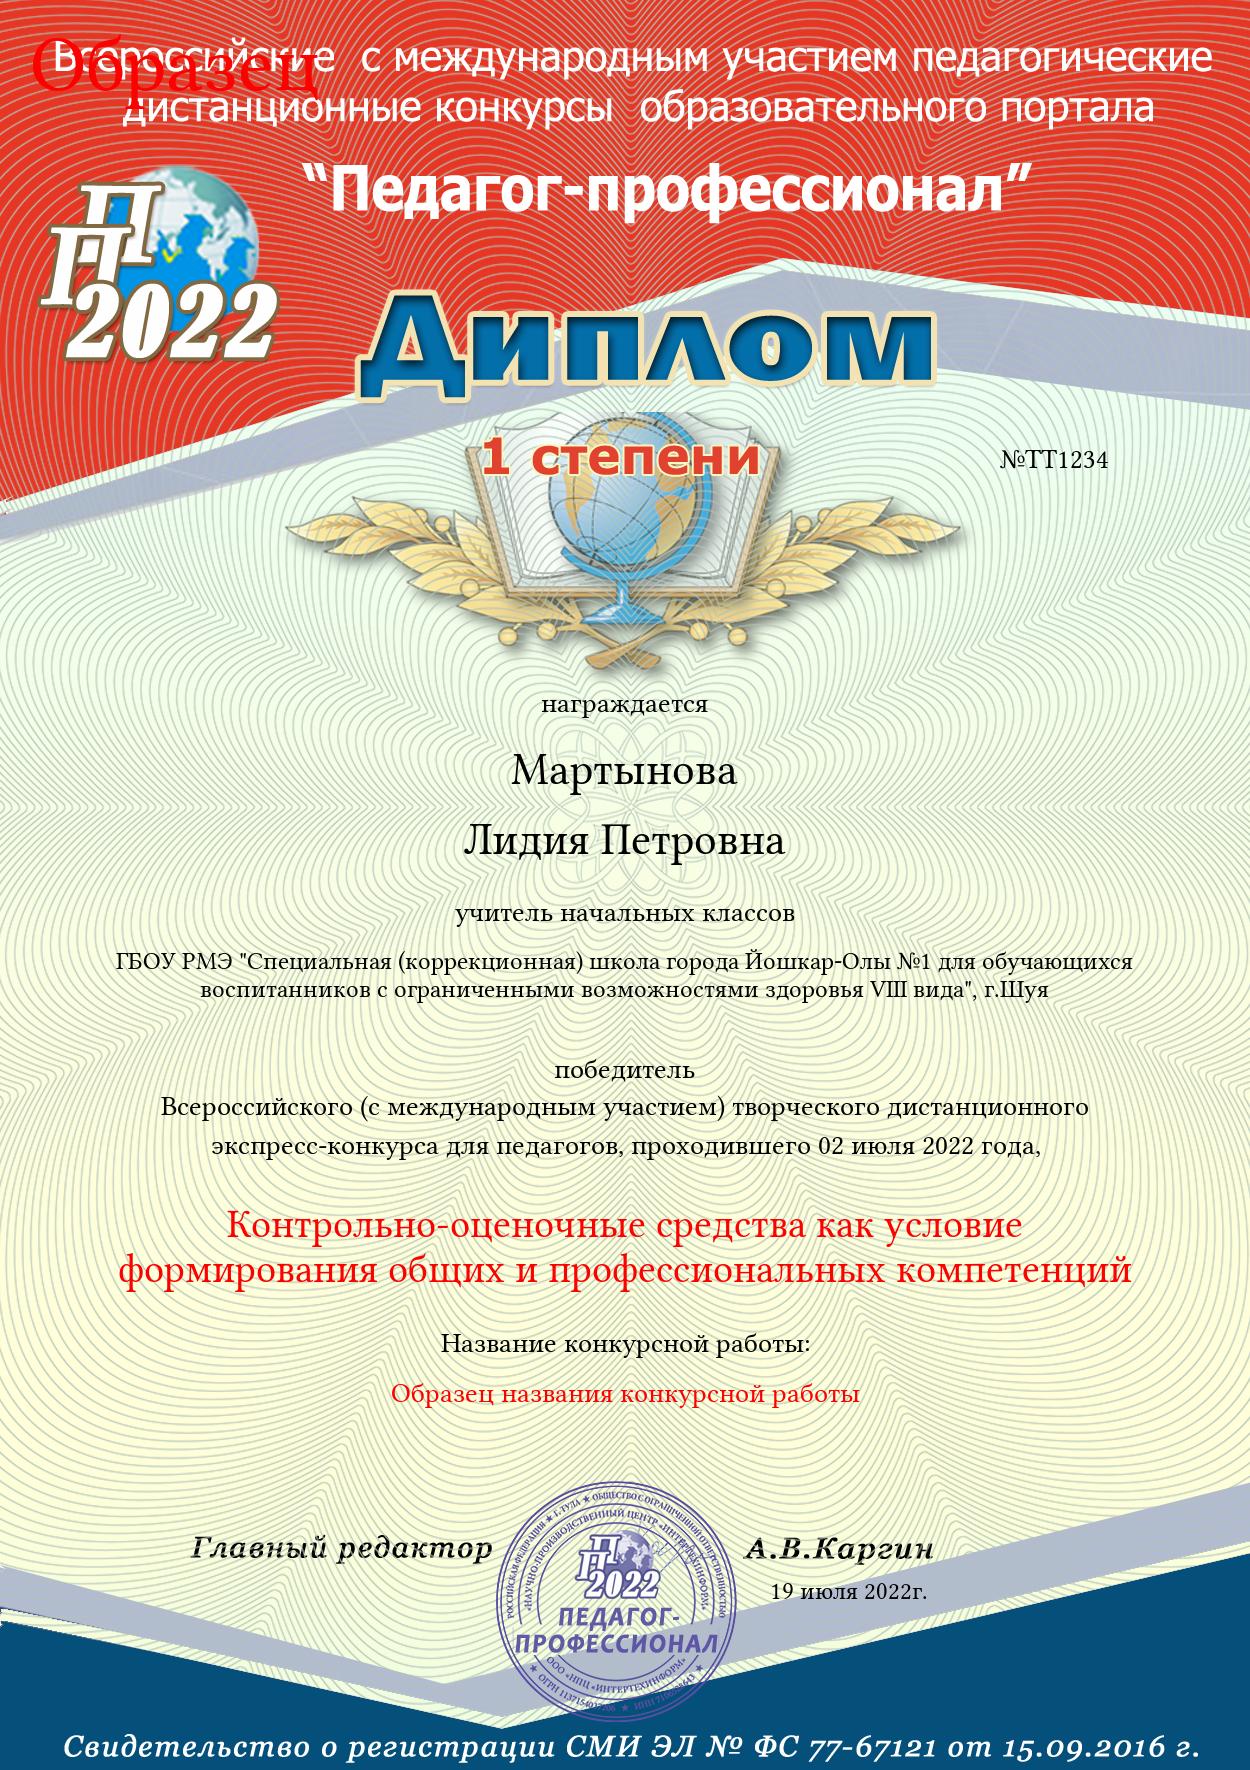 Педагог профессионал Экспресс конкурсы для педагогов и учащихся от 90 руб подробно